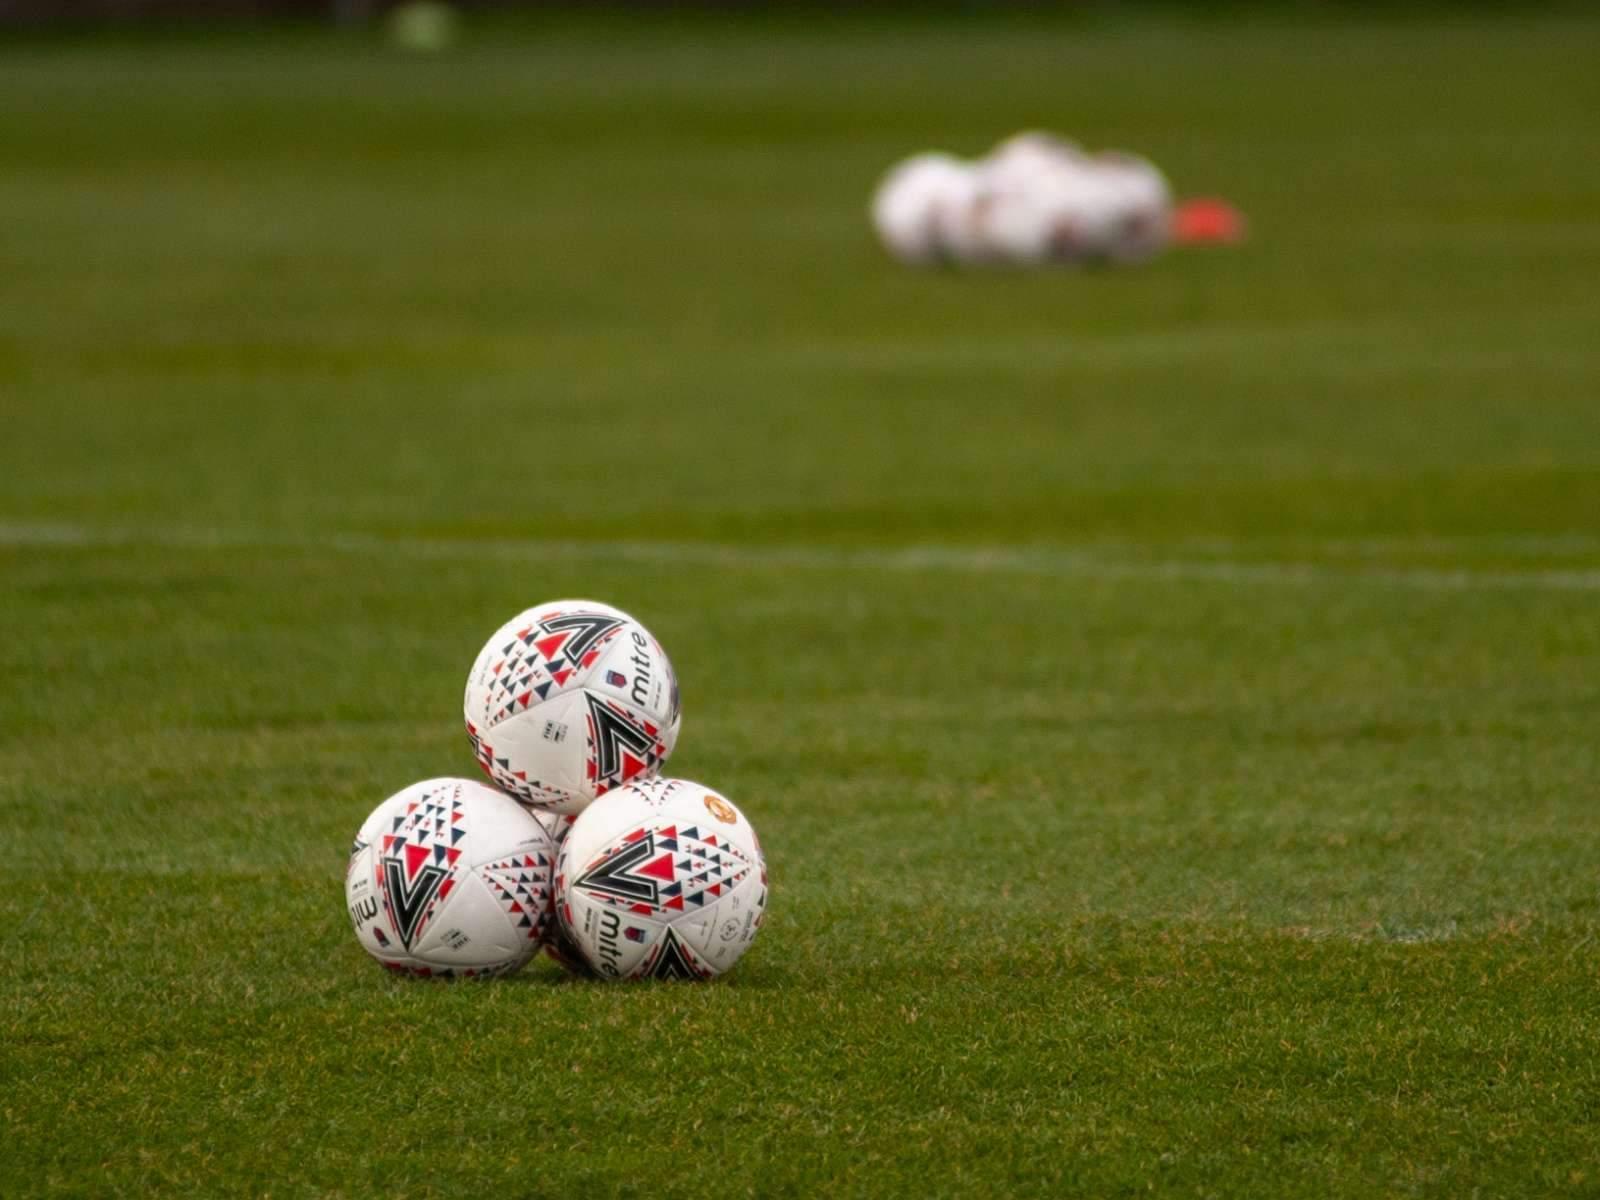 УЕФА изменит правило выездного гола